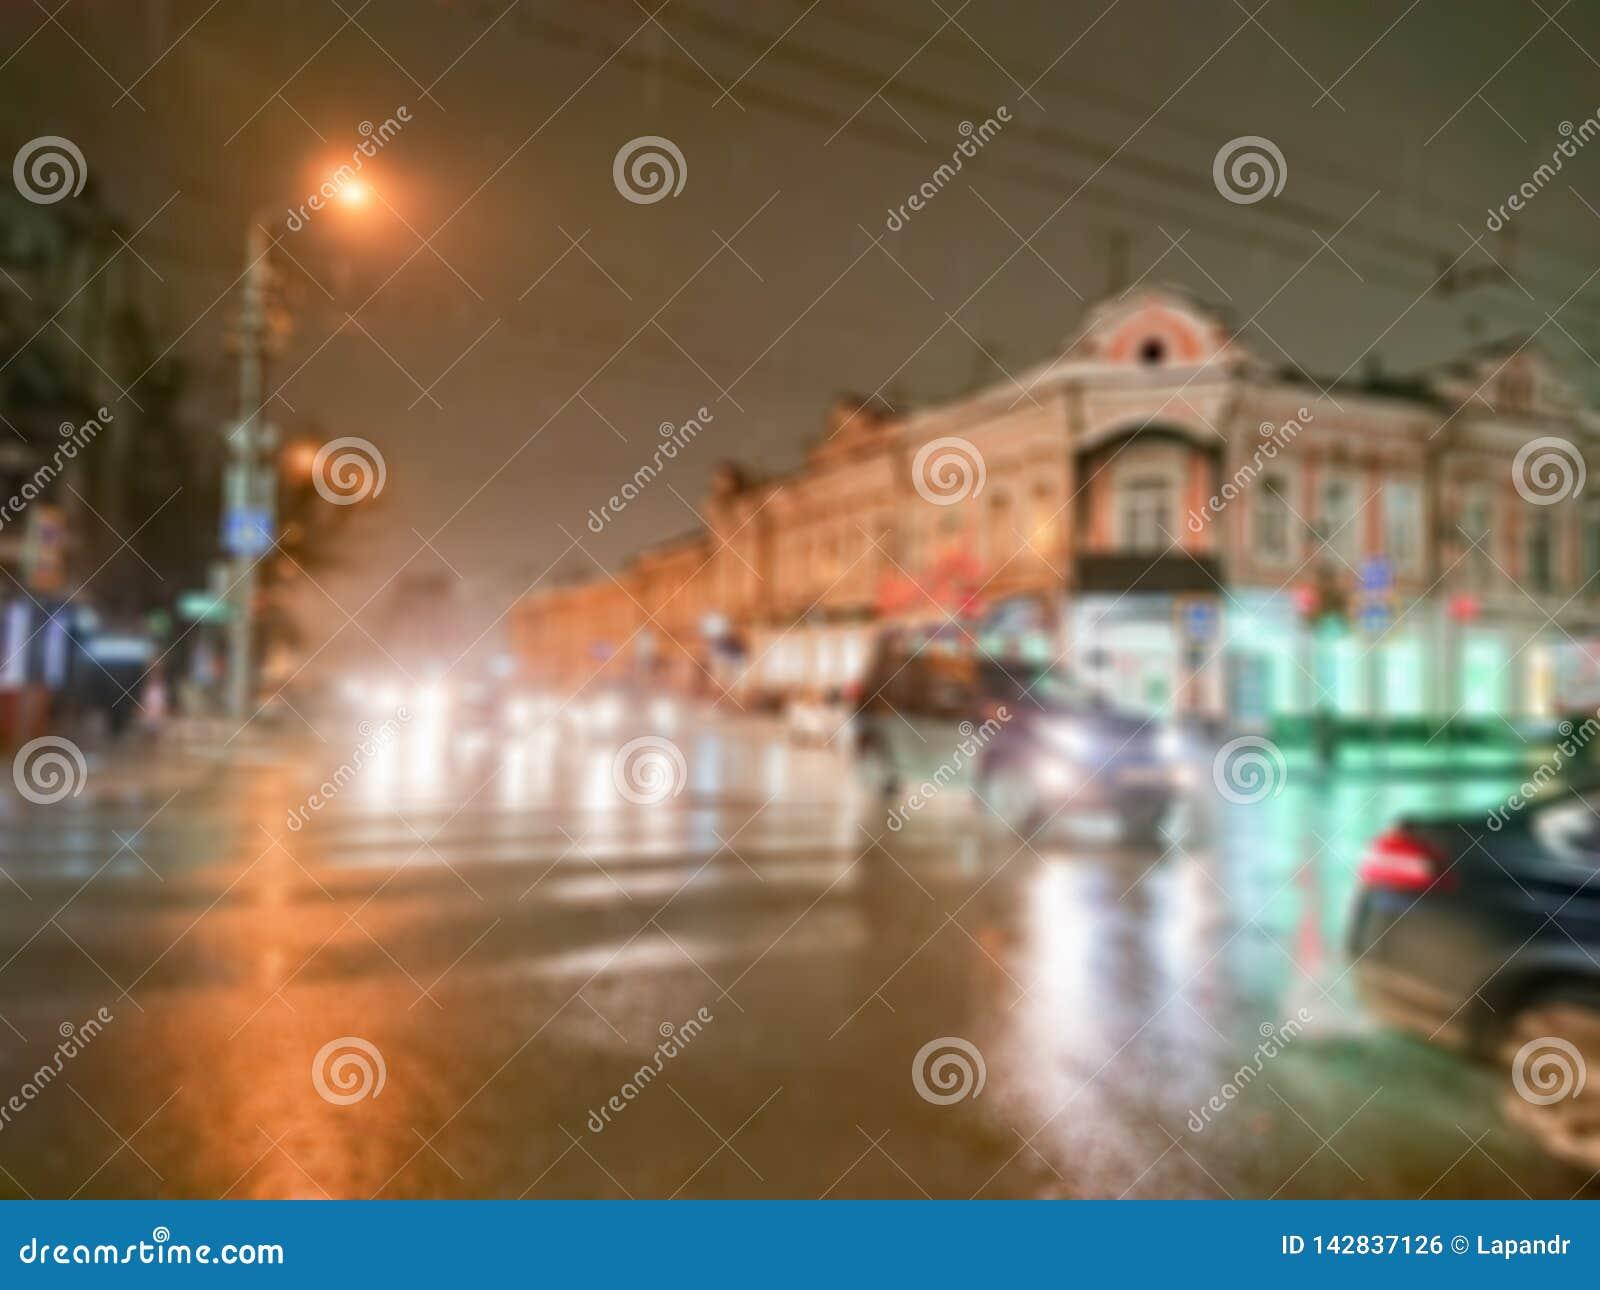 Imagen abstracta Defocused Efecto de Bokeh Fondo enmascarado Igualación de paisaje urbano en tiempo lluvioso Coches y luces de la